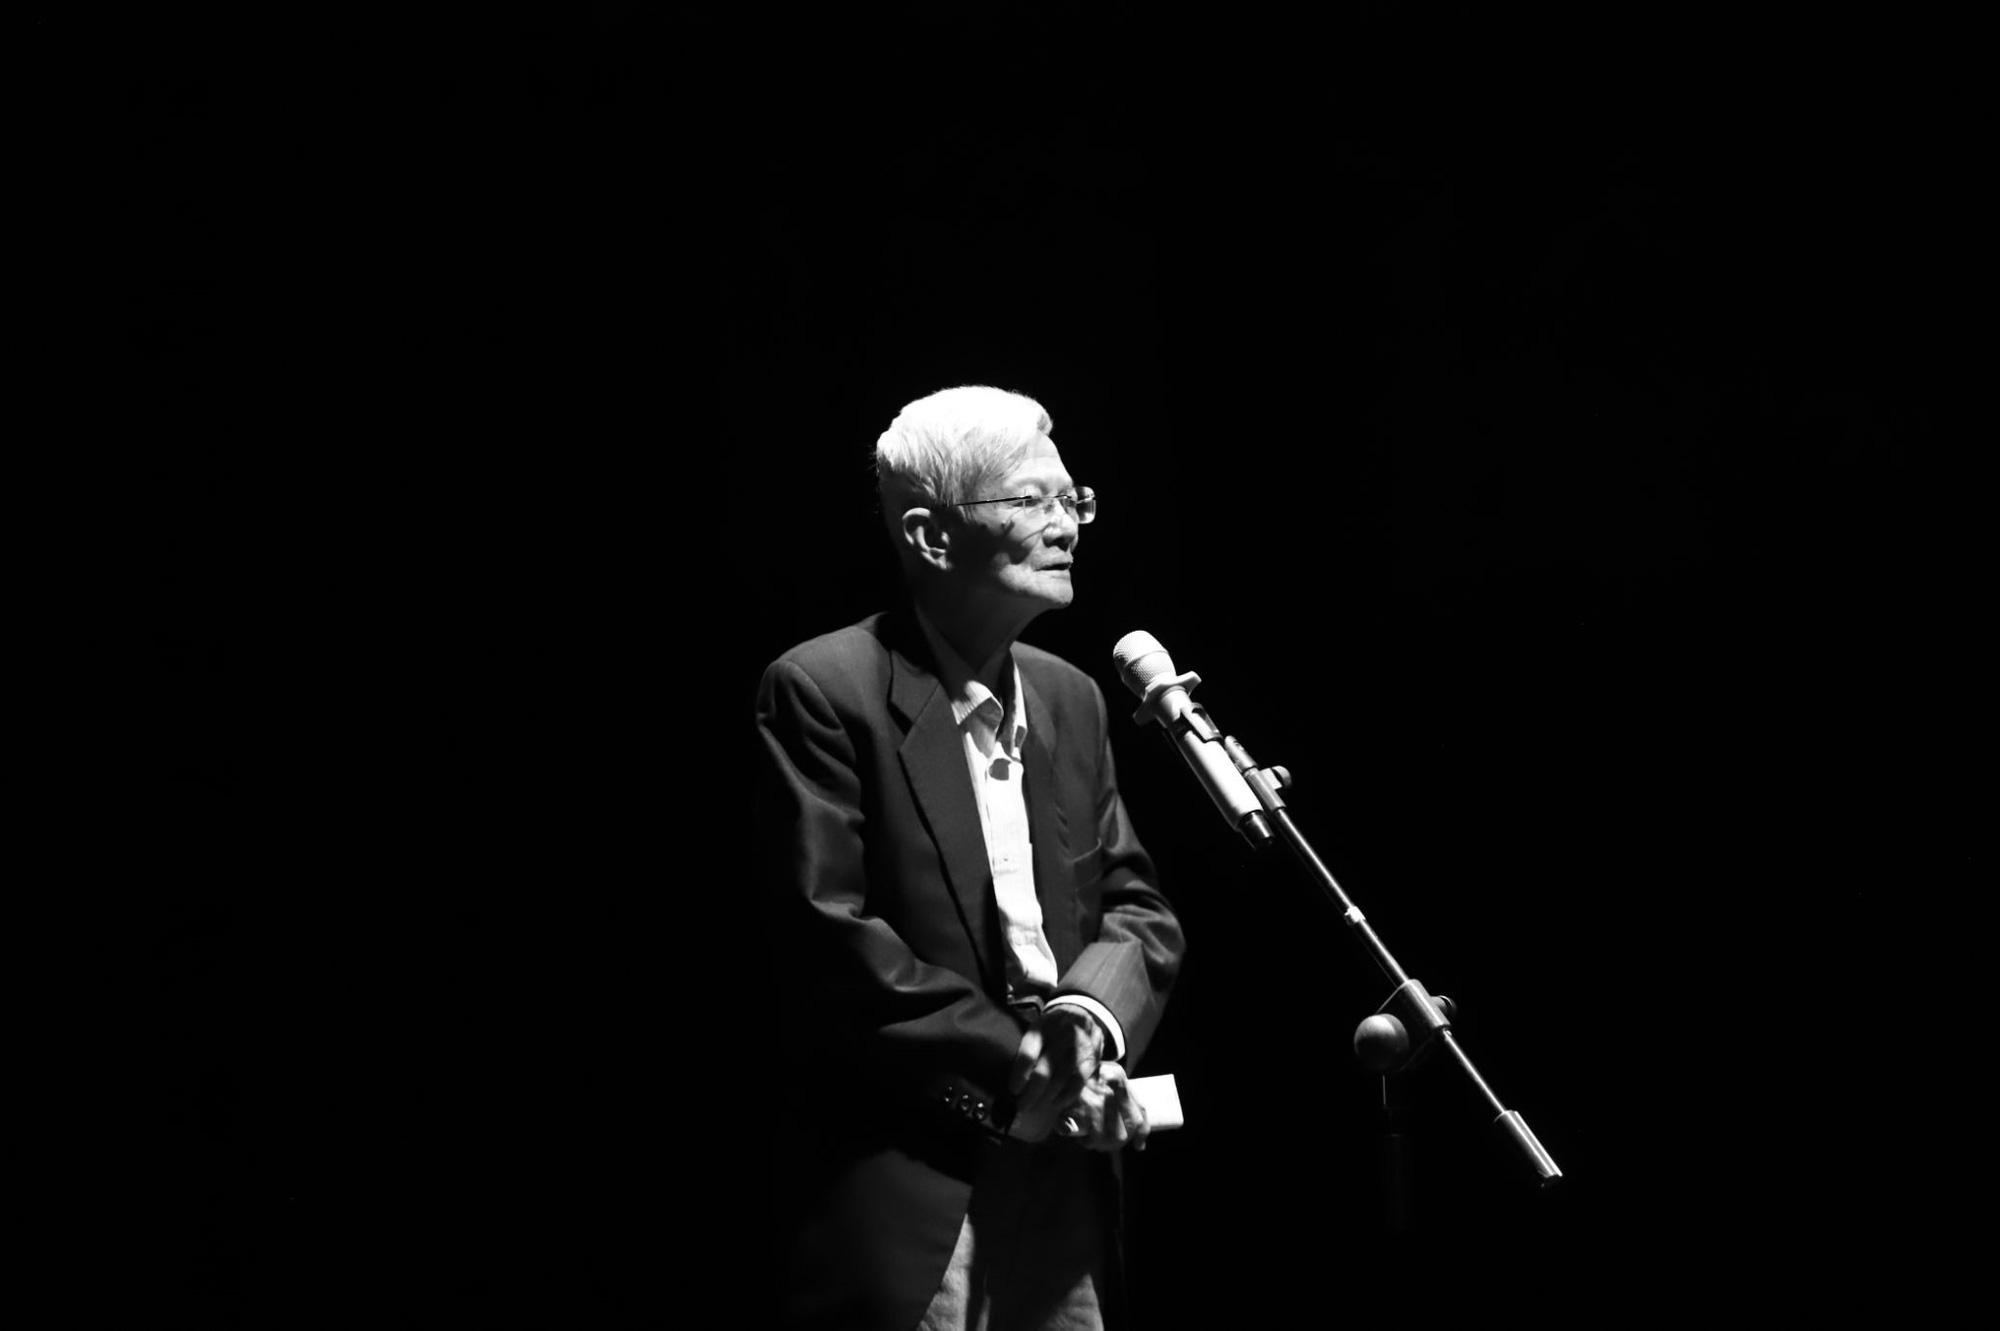 """""""Se sẽ 2021"""" - Khi thơ Lưu Quang Vũ - Xuân Quỳnh được cất lên bằng 20 ngôn ngữ khác nhau - Ảnh 5."""